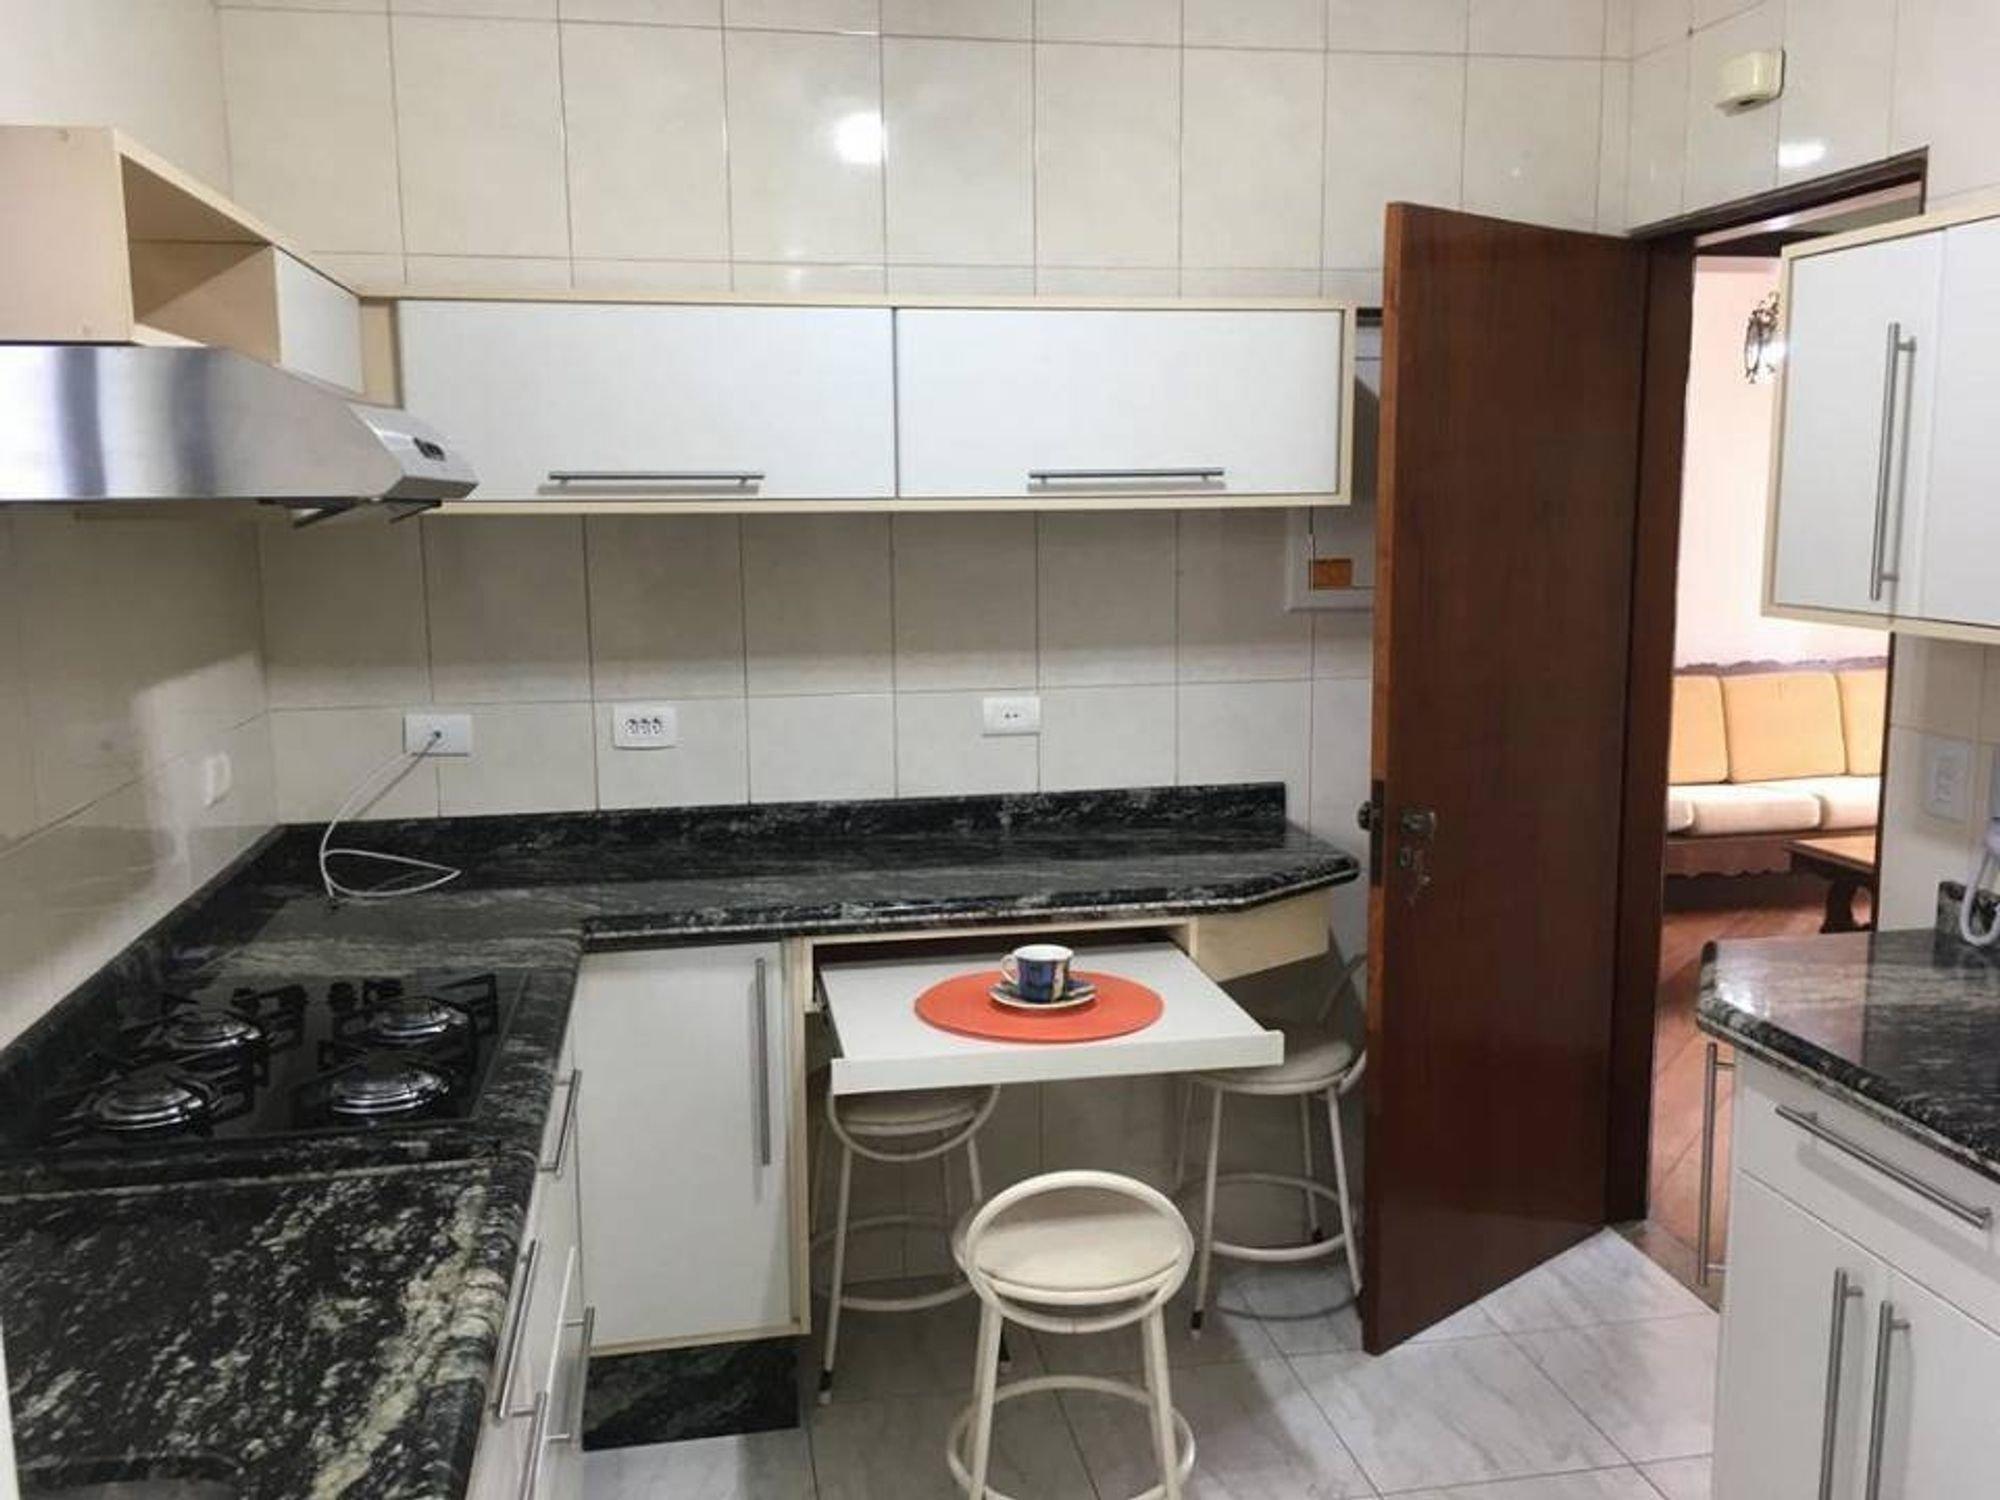 Foto de Cozinha com cadeira, xícara